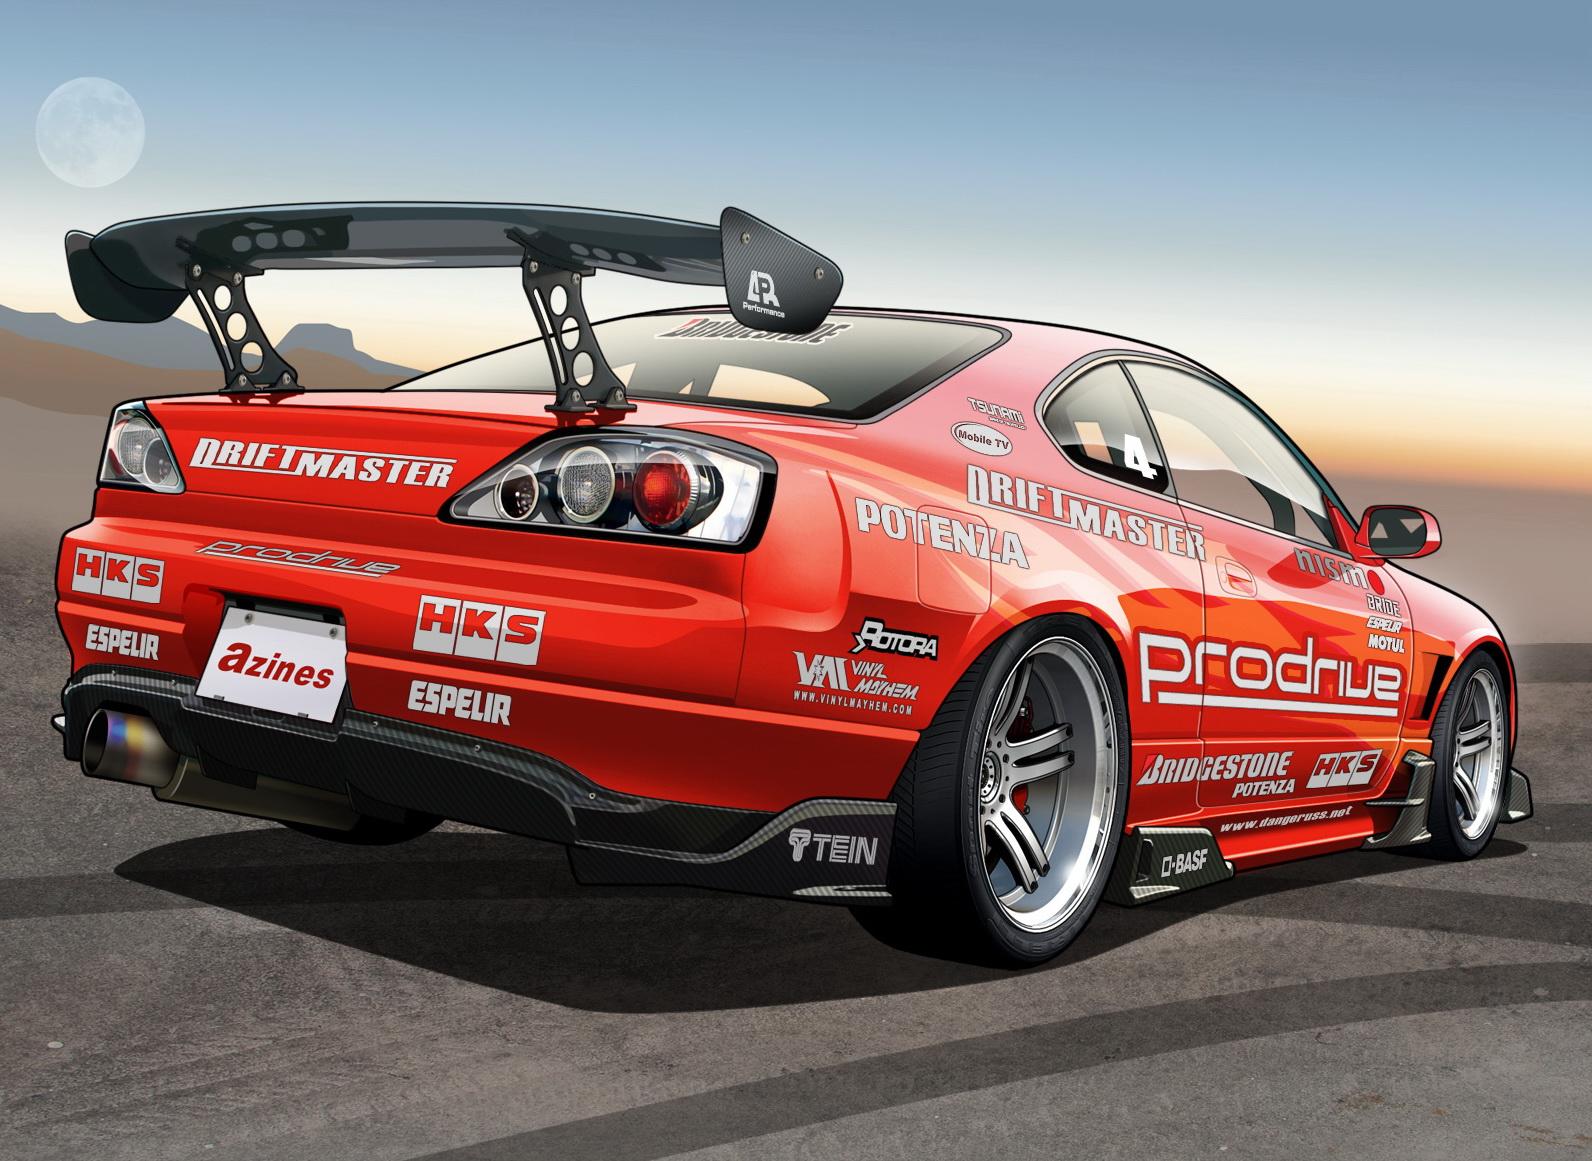 http://1.bp.blogspot.com/_v5h2qxDB1io/TTyh53zXhaI/AAAAAAAABkc/RV5tjfCMgwM/s1600/Super+Cars+43+-+01%252Bwww.myhd.tk++%252839%2529.jpg